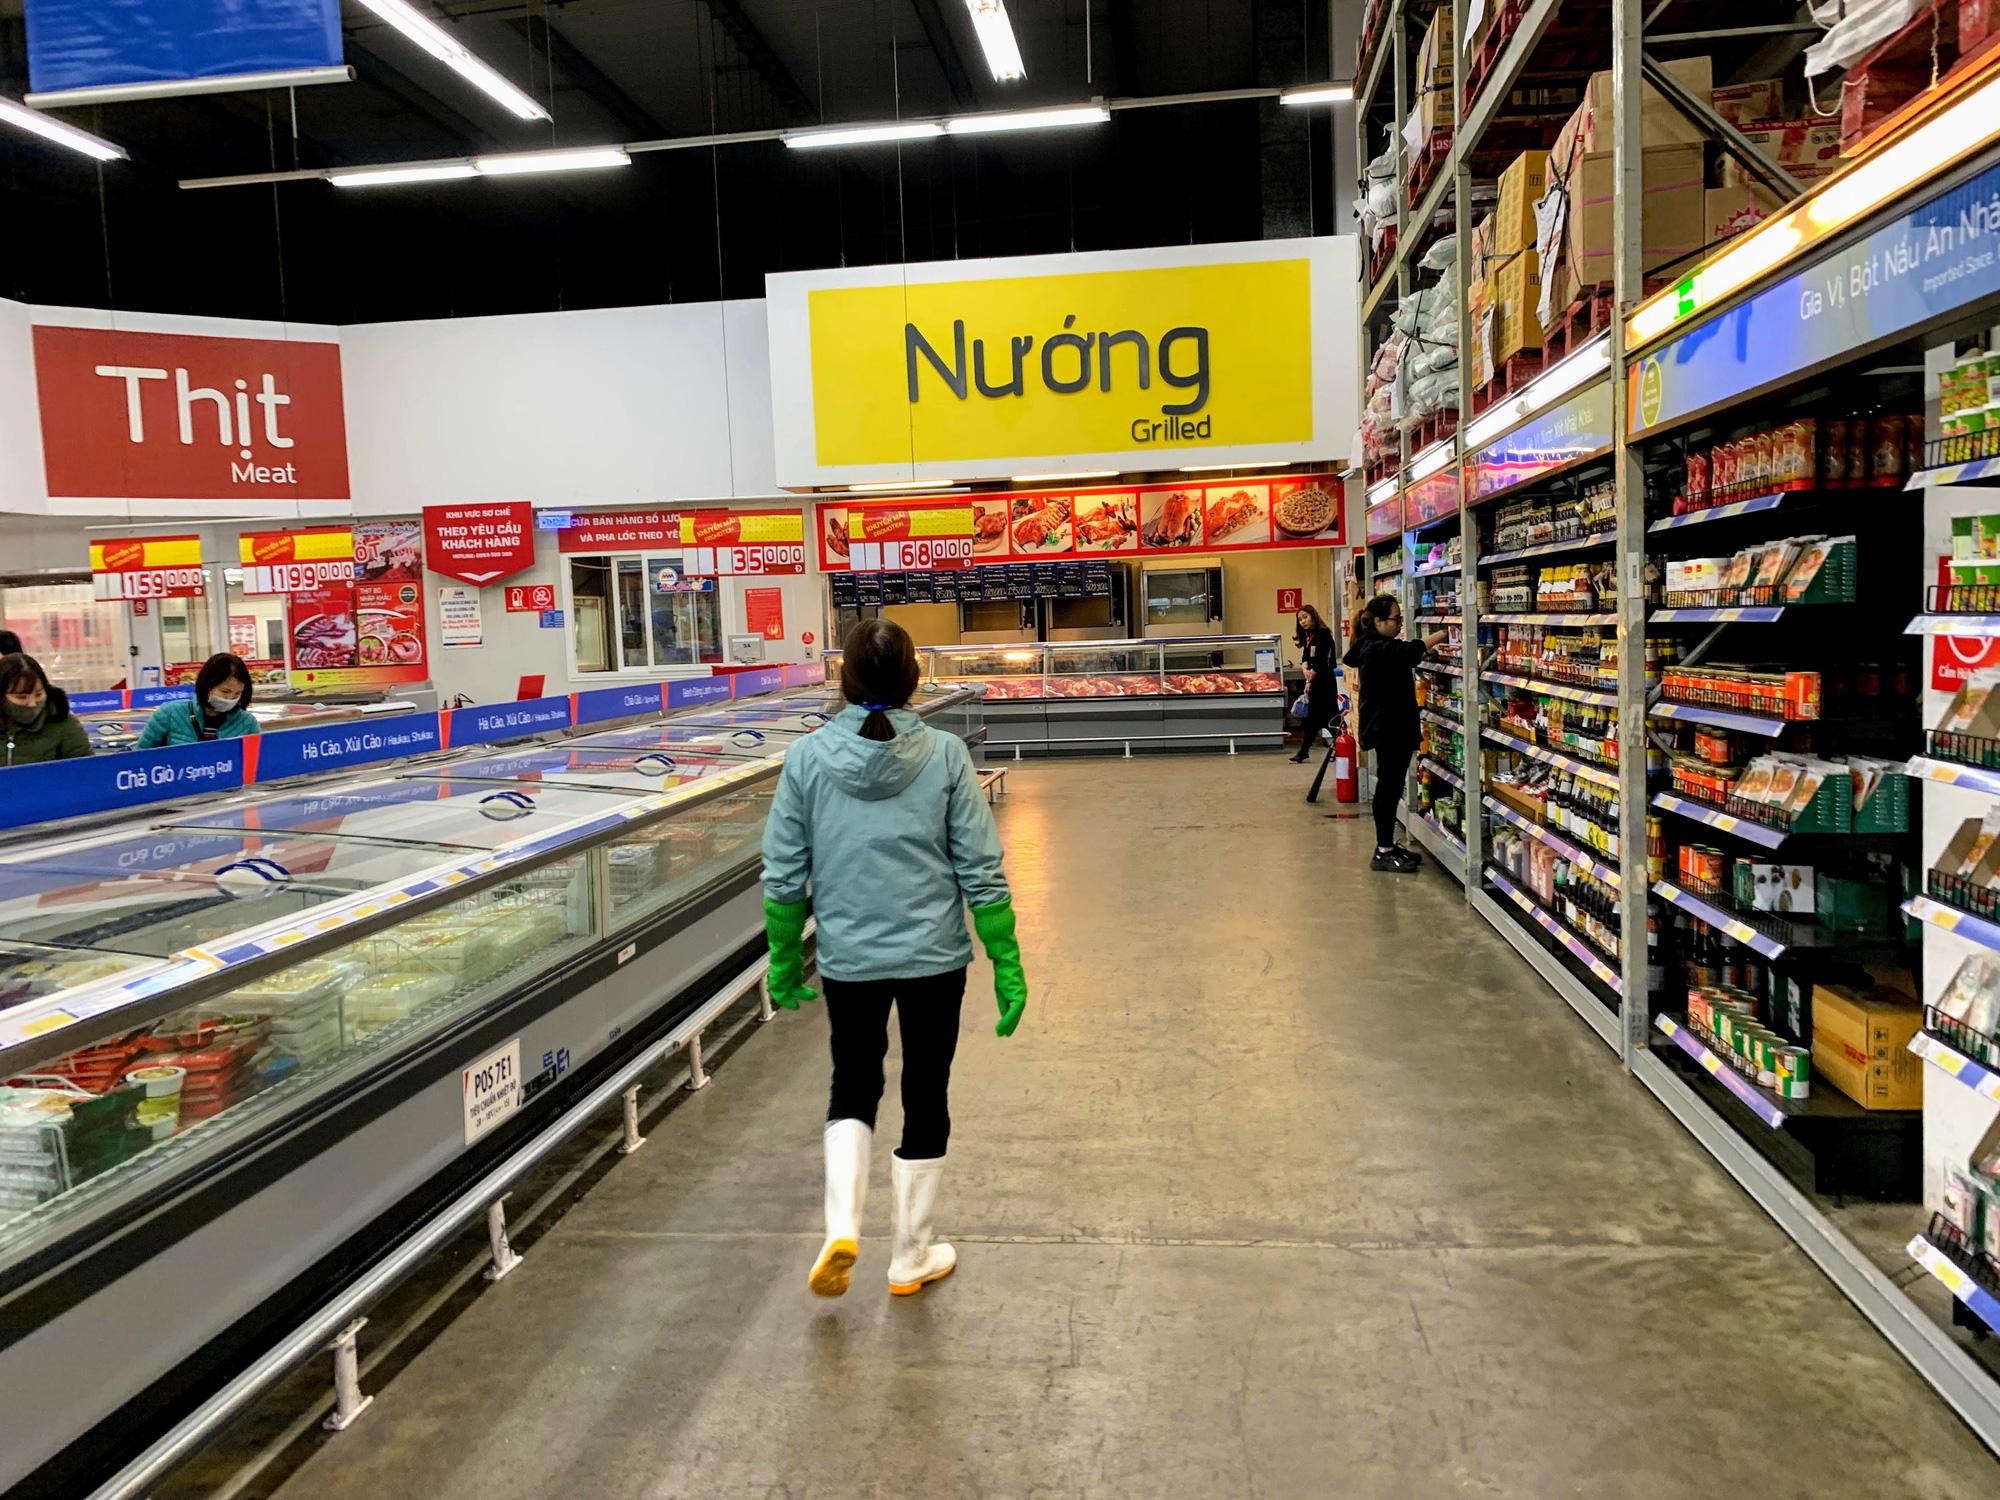 Siêu thị, trung tâm thương mại ở Hà Nội vắng tanh không một bóng người trước đại dịch virus corona - Ảnh 5.